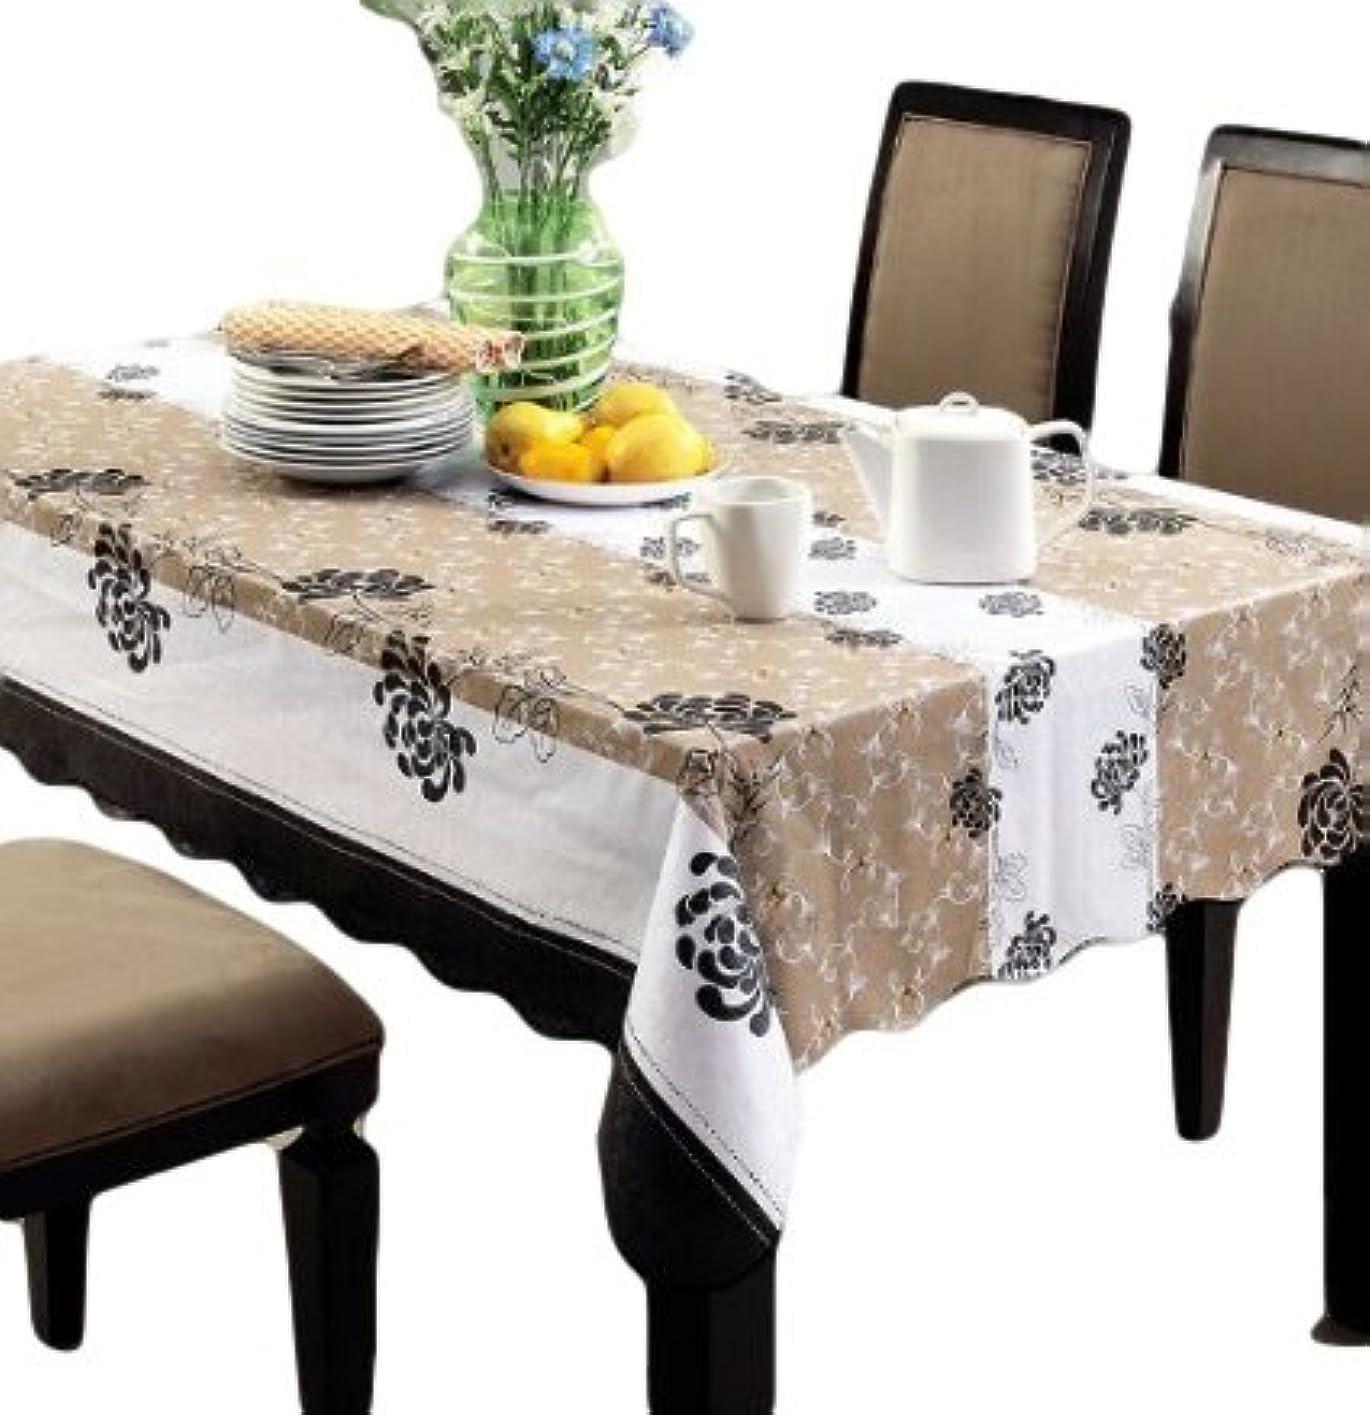 抵当バックアップ斧お部屋 の インテリア に おしゃれ な テーブル クロス ブラウン ストライプ 花 柄 模様 が エレガント PVC 素材 防水 撥水 機能 あり 137×183cm テーブル以外にも使える 長方形